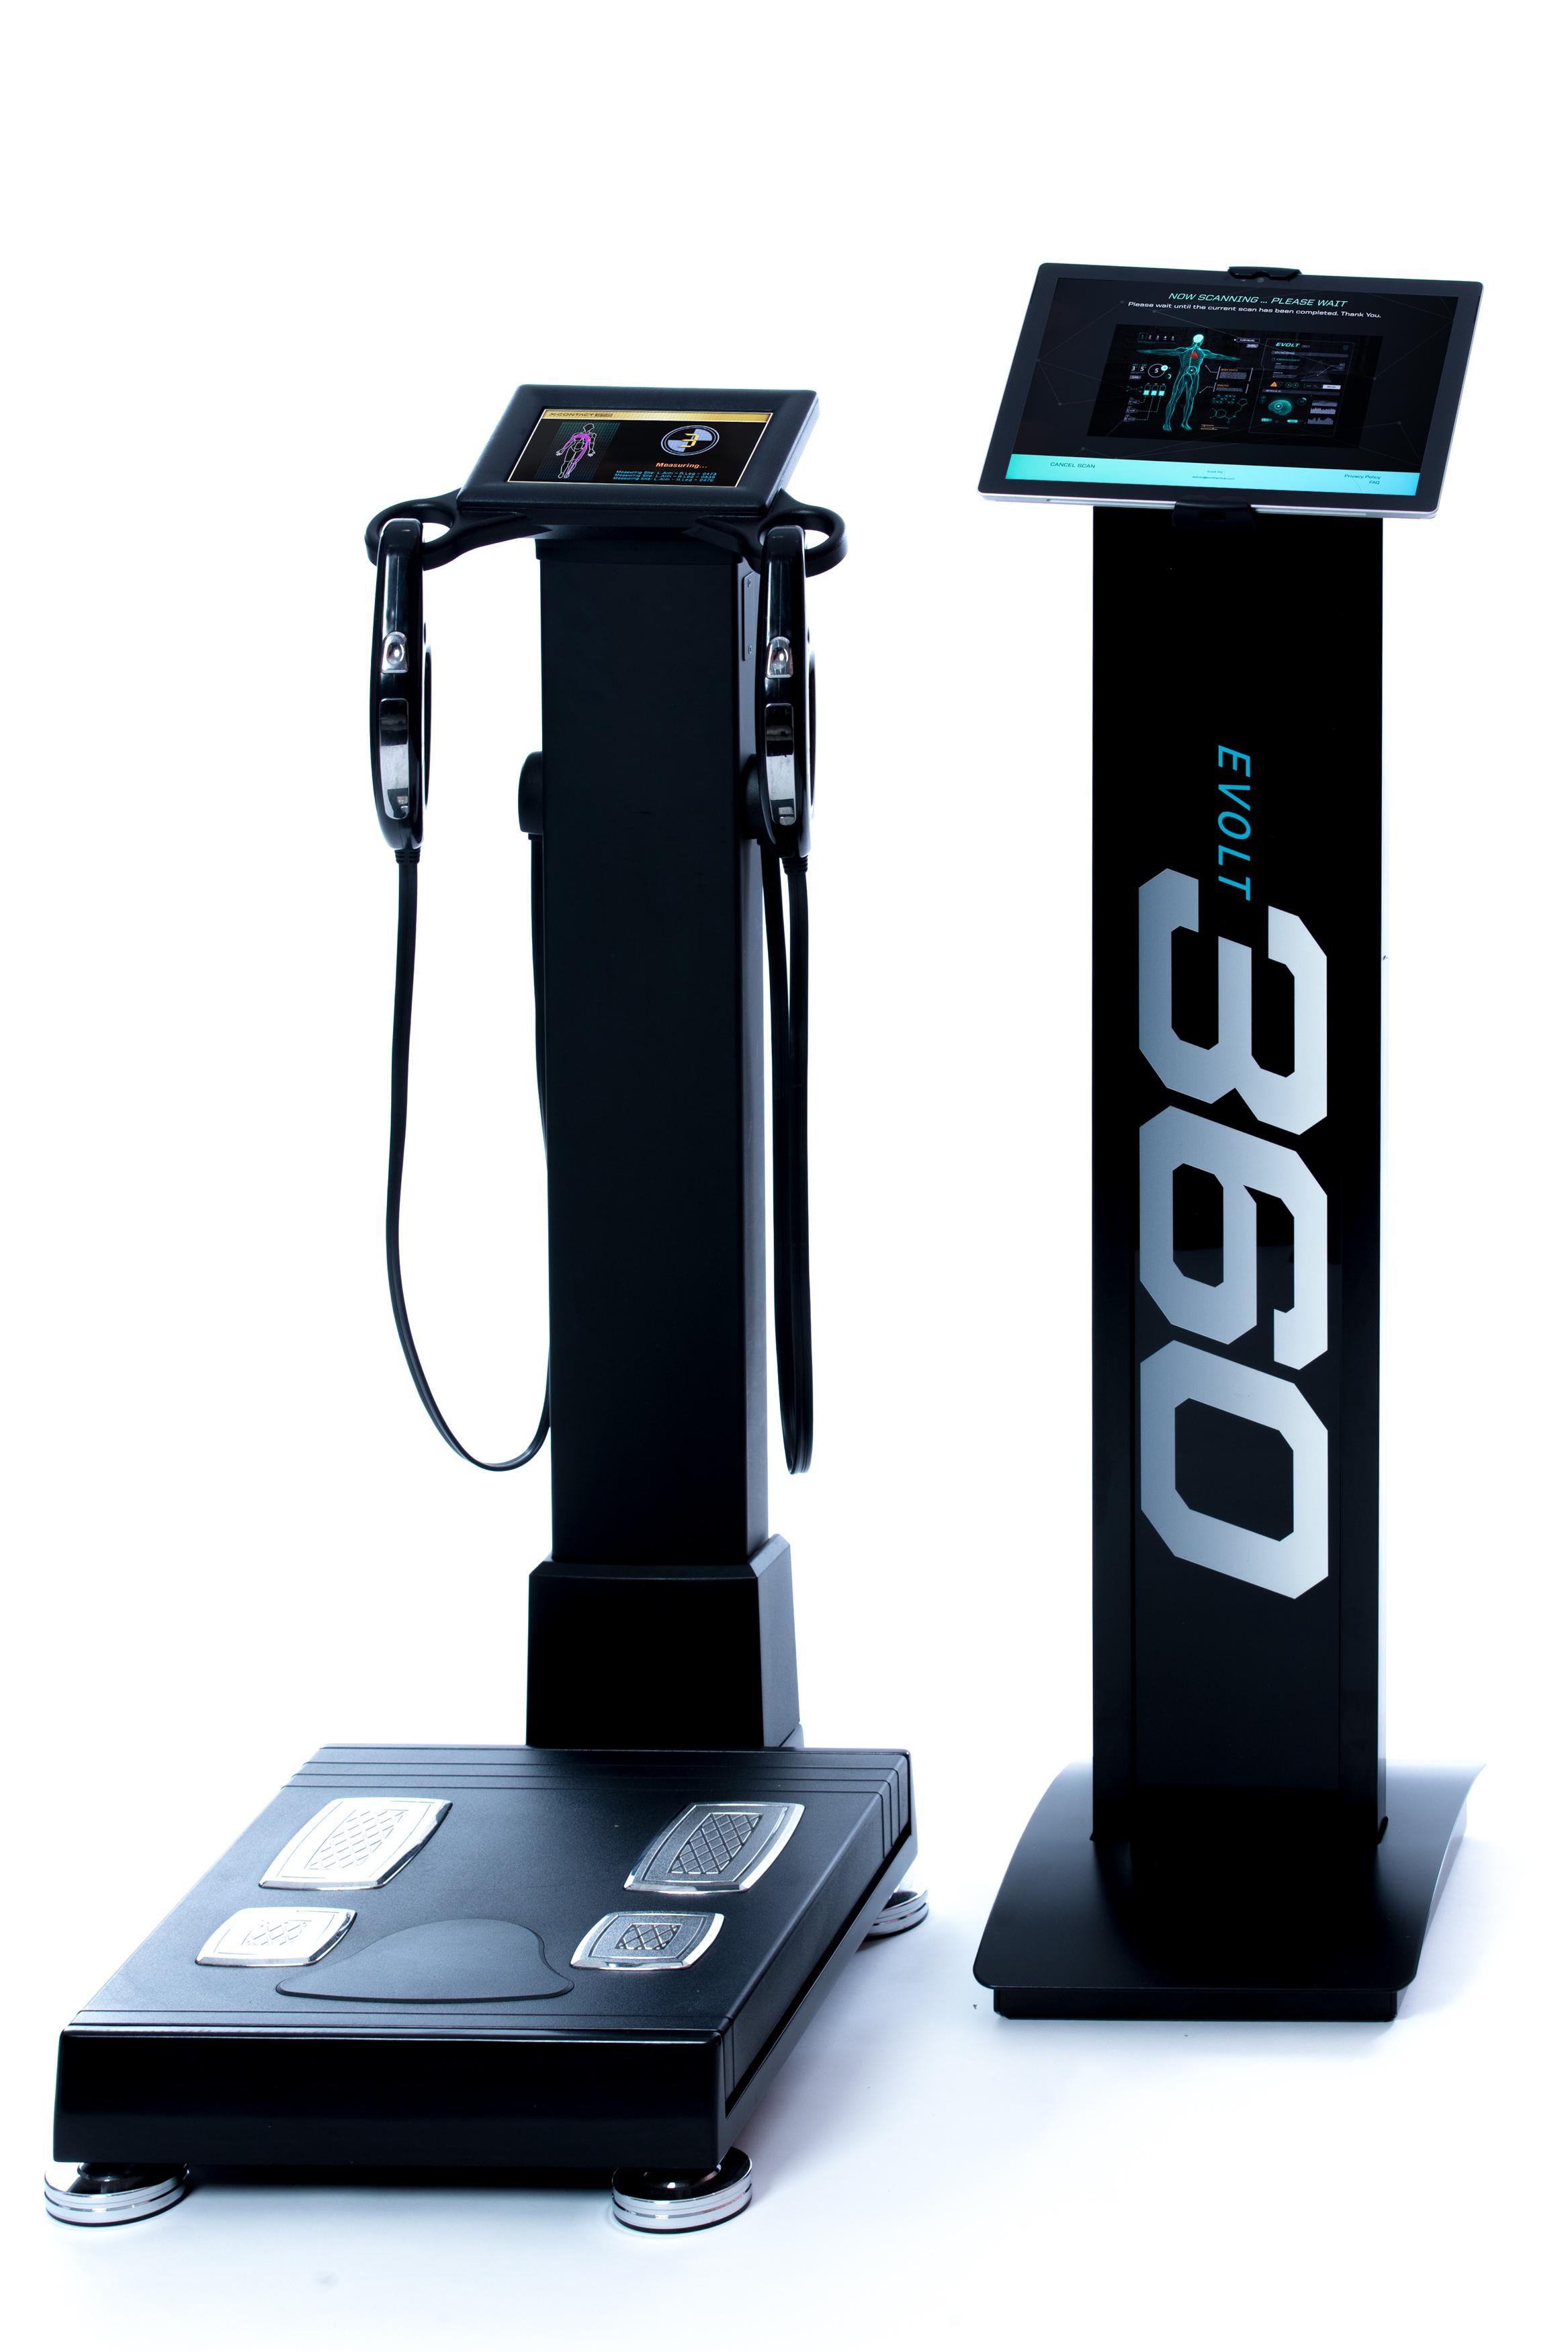 Evolt-360-Scanner-Kiosk.jpg